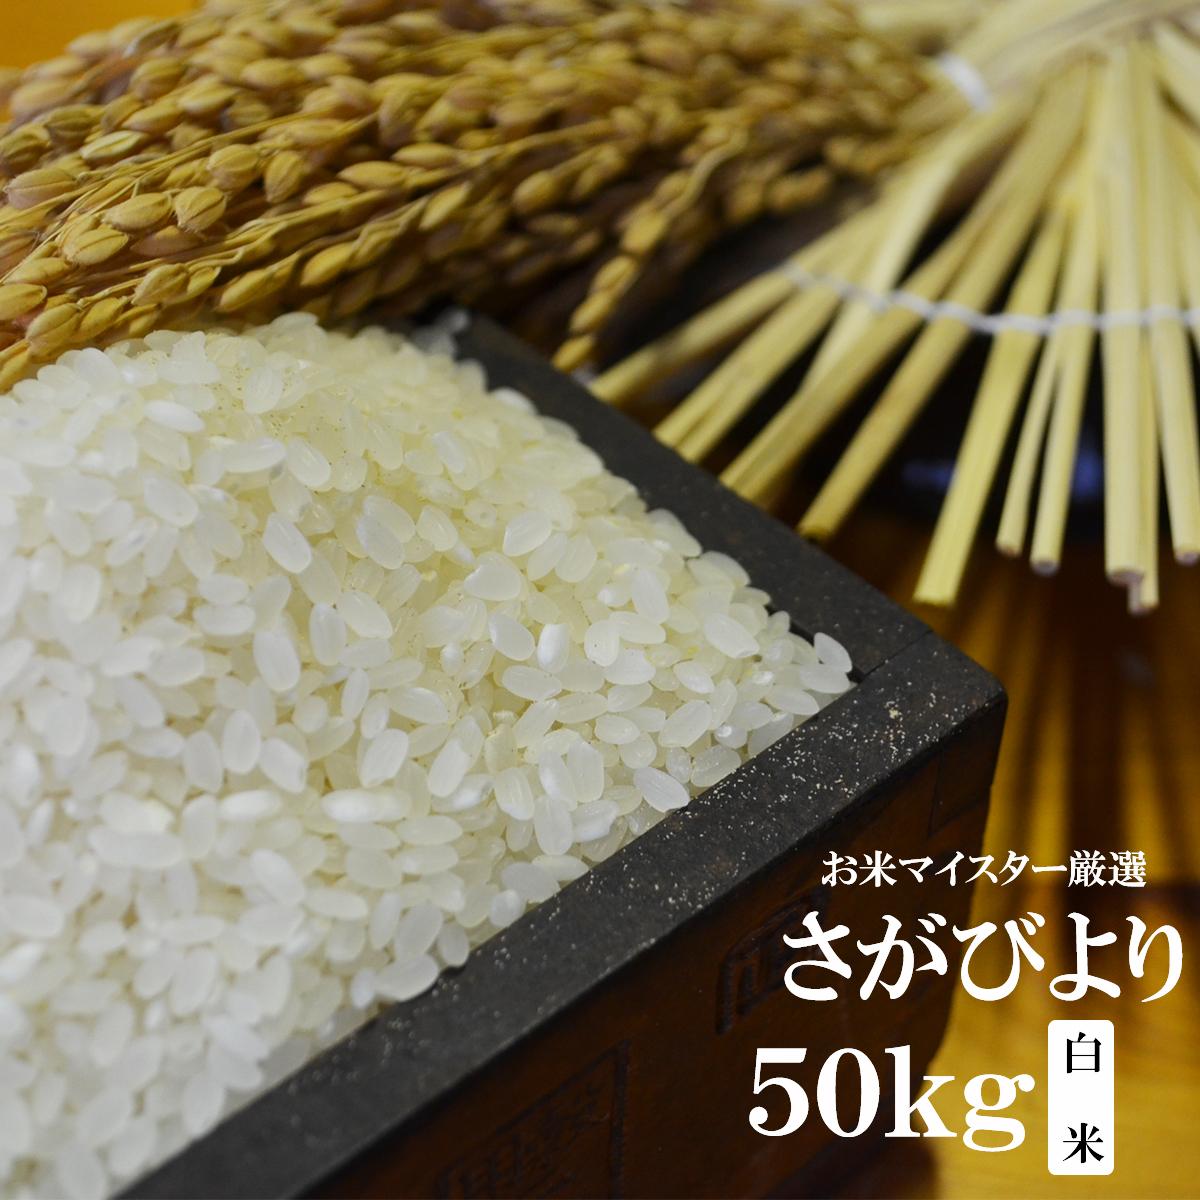 【ふるさと納税】H-3【特A・令和元年産米】鹿島市産厳選さがびより 白米50kg